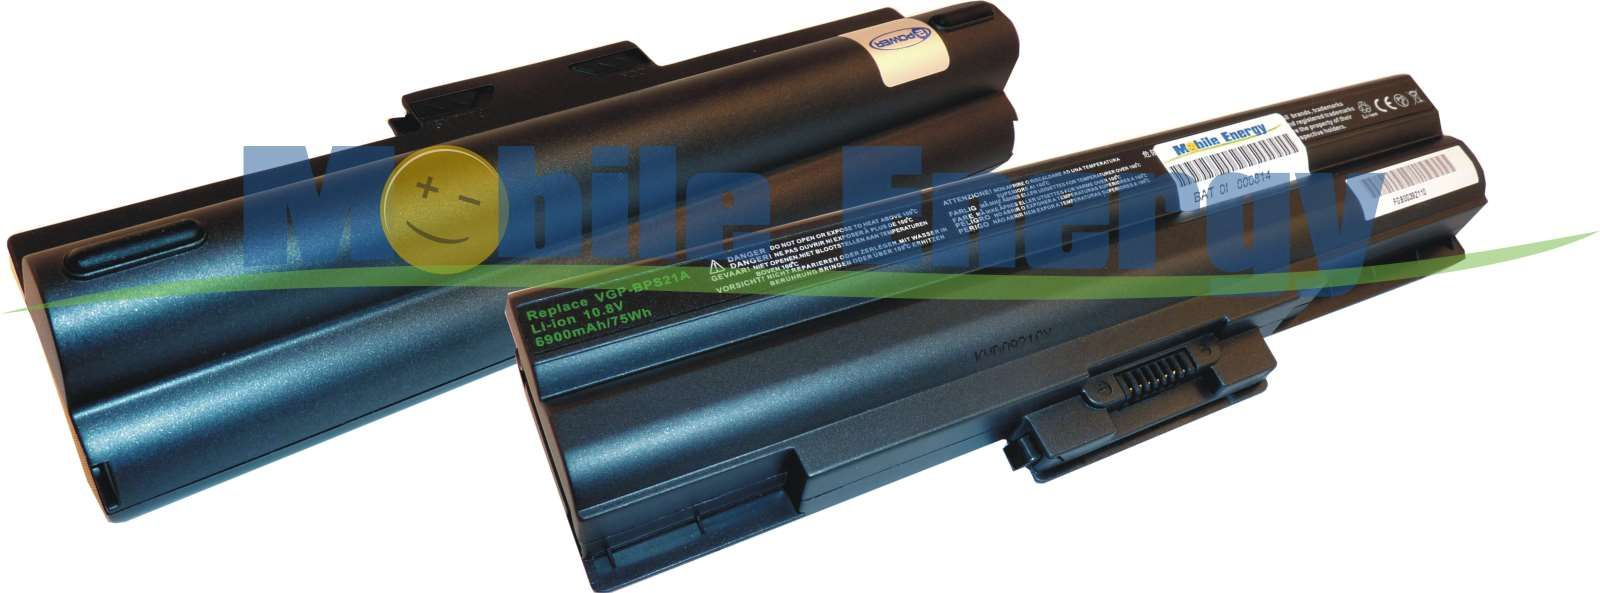 Mobile-Energy Baterie SONY AW41 / AW51 / AW52 / AW70 / AW80 / AW